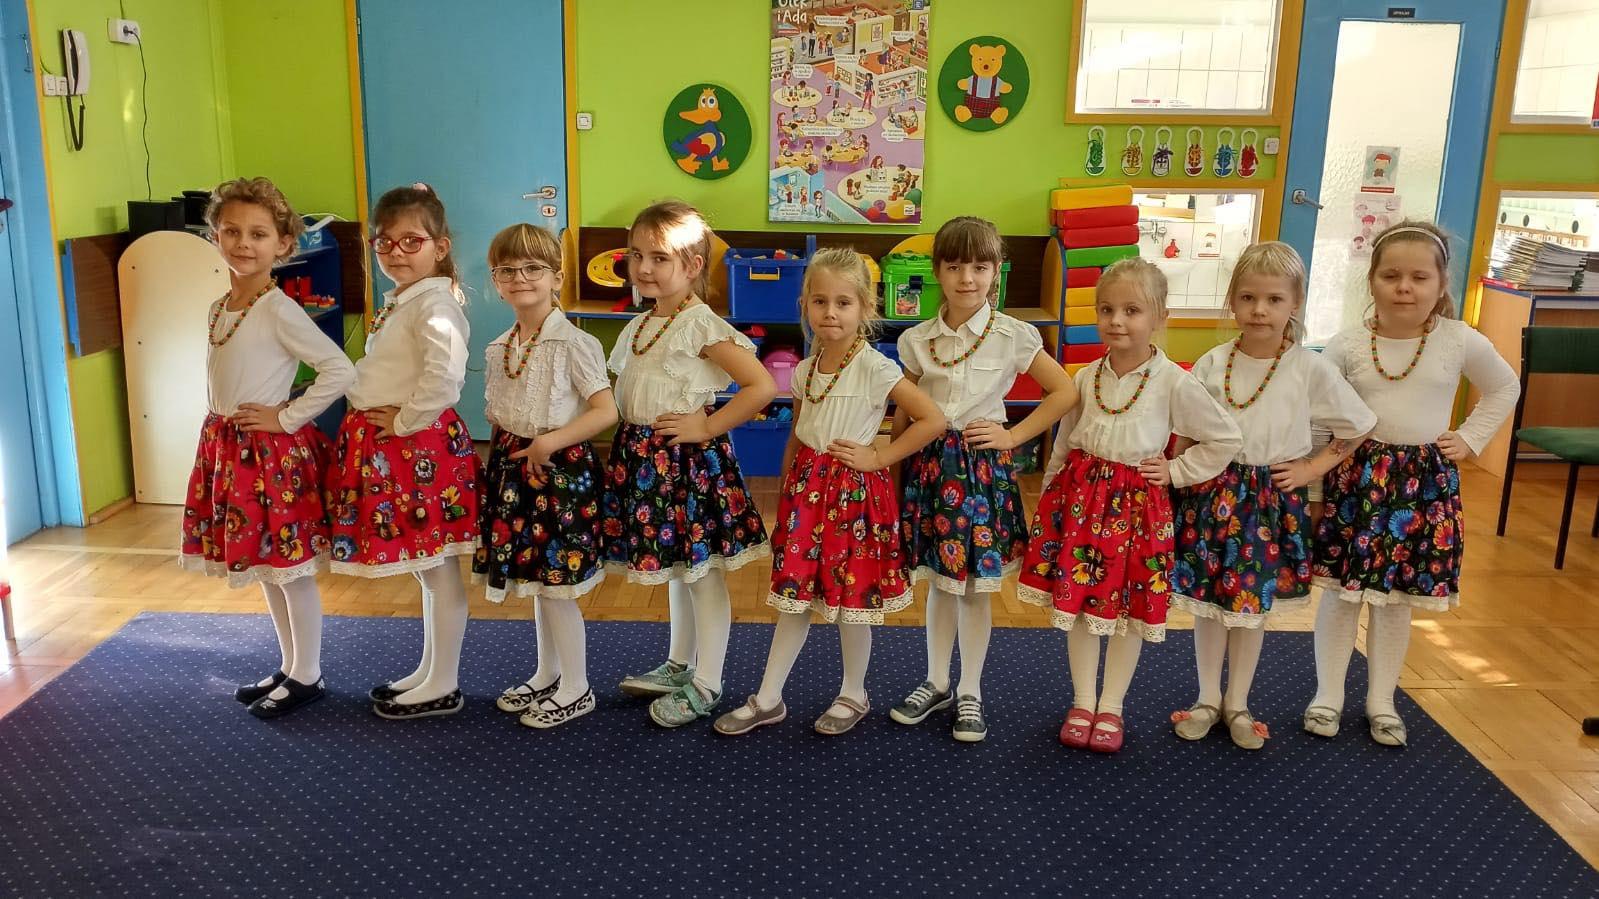 Kilka dziewczynek stoi w rzędzie ubrane w spódniczkę w kwiatki.